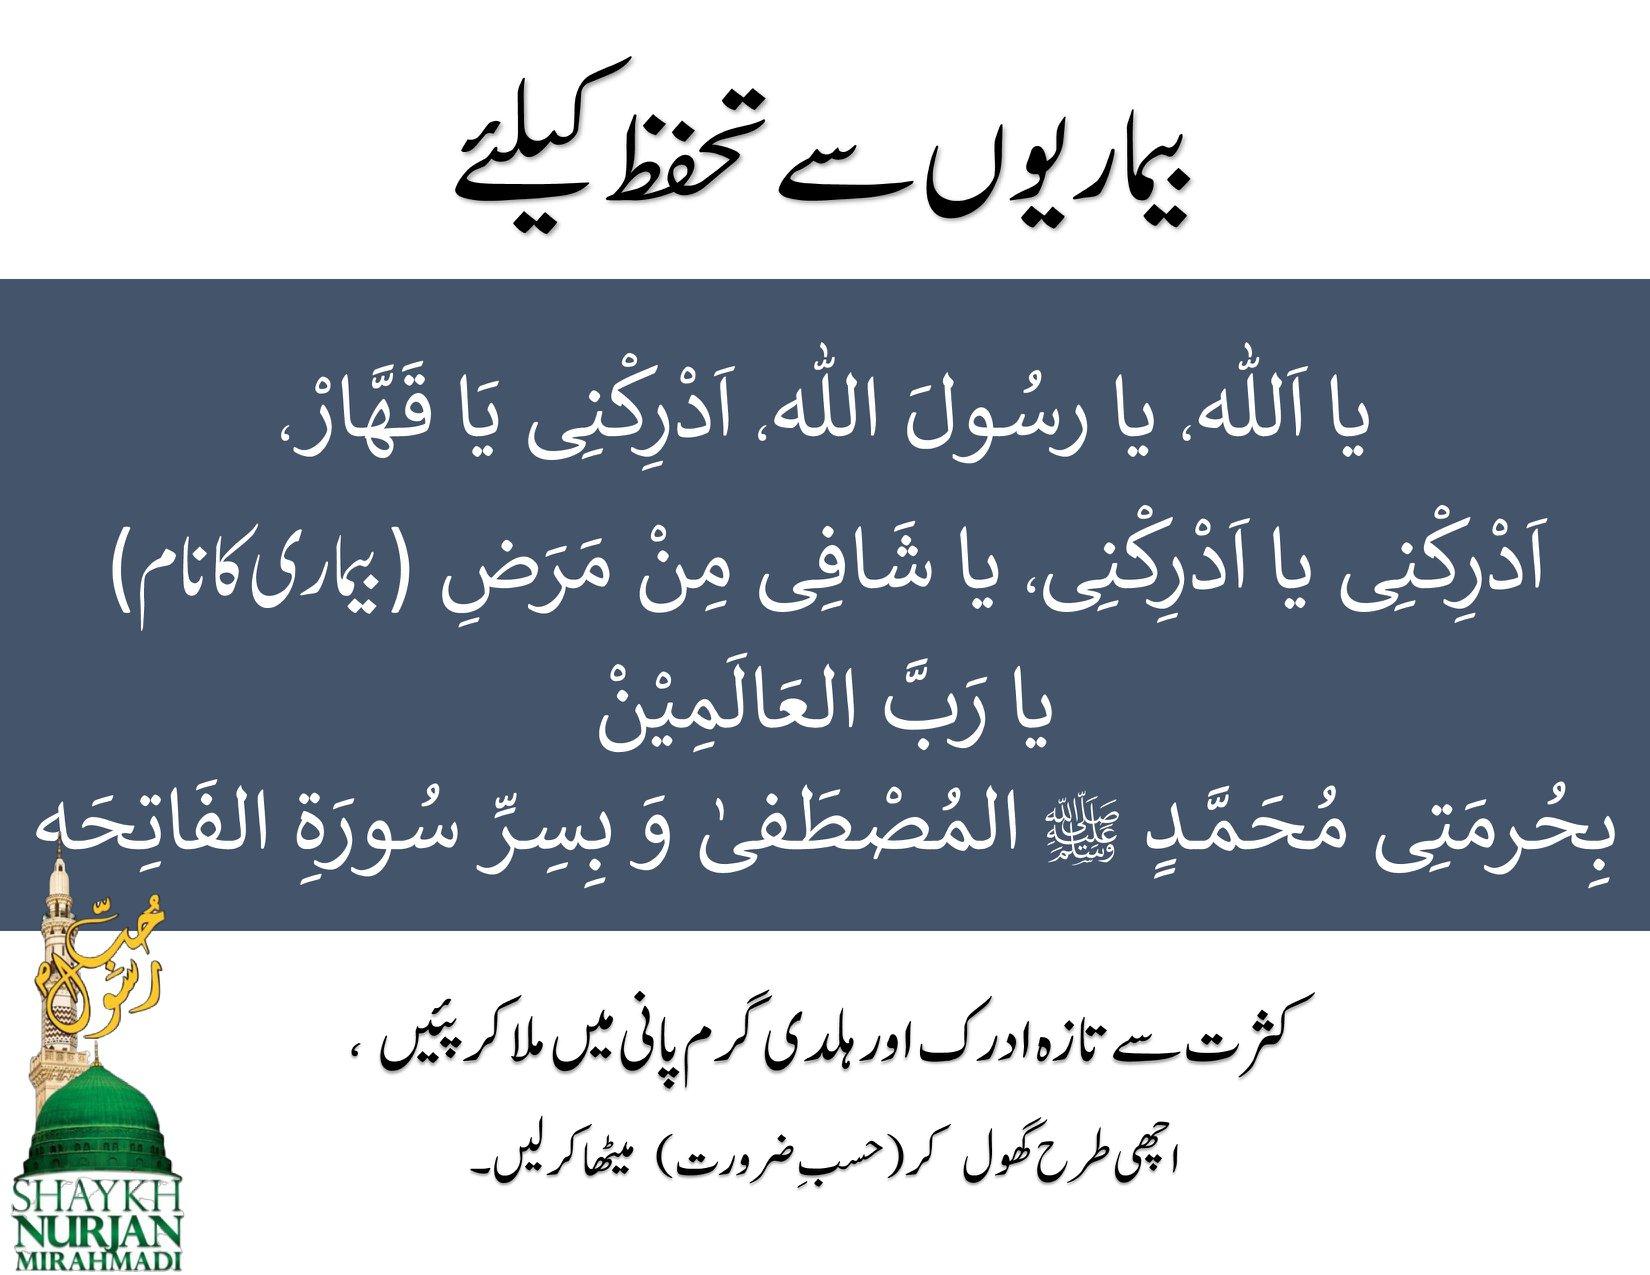 """""""Diseases  Ya Allah, Ya RasulAllah adrikni ya Qahhar, adrikni ya Adrikni ya..."""